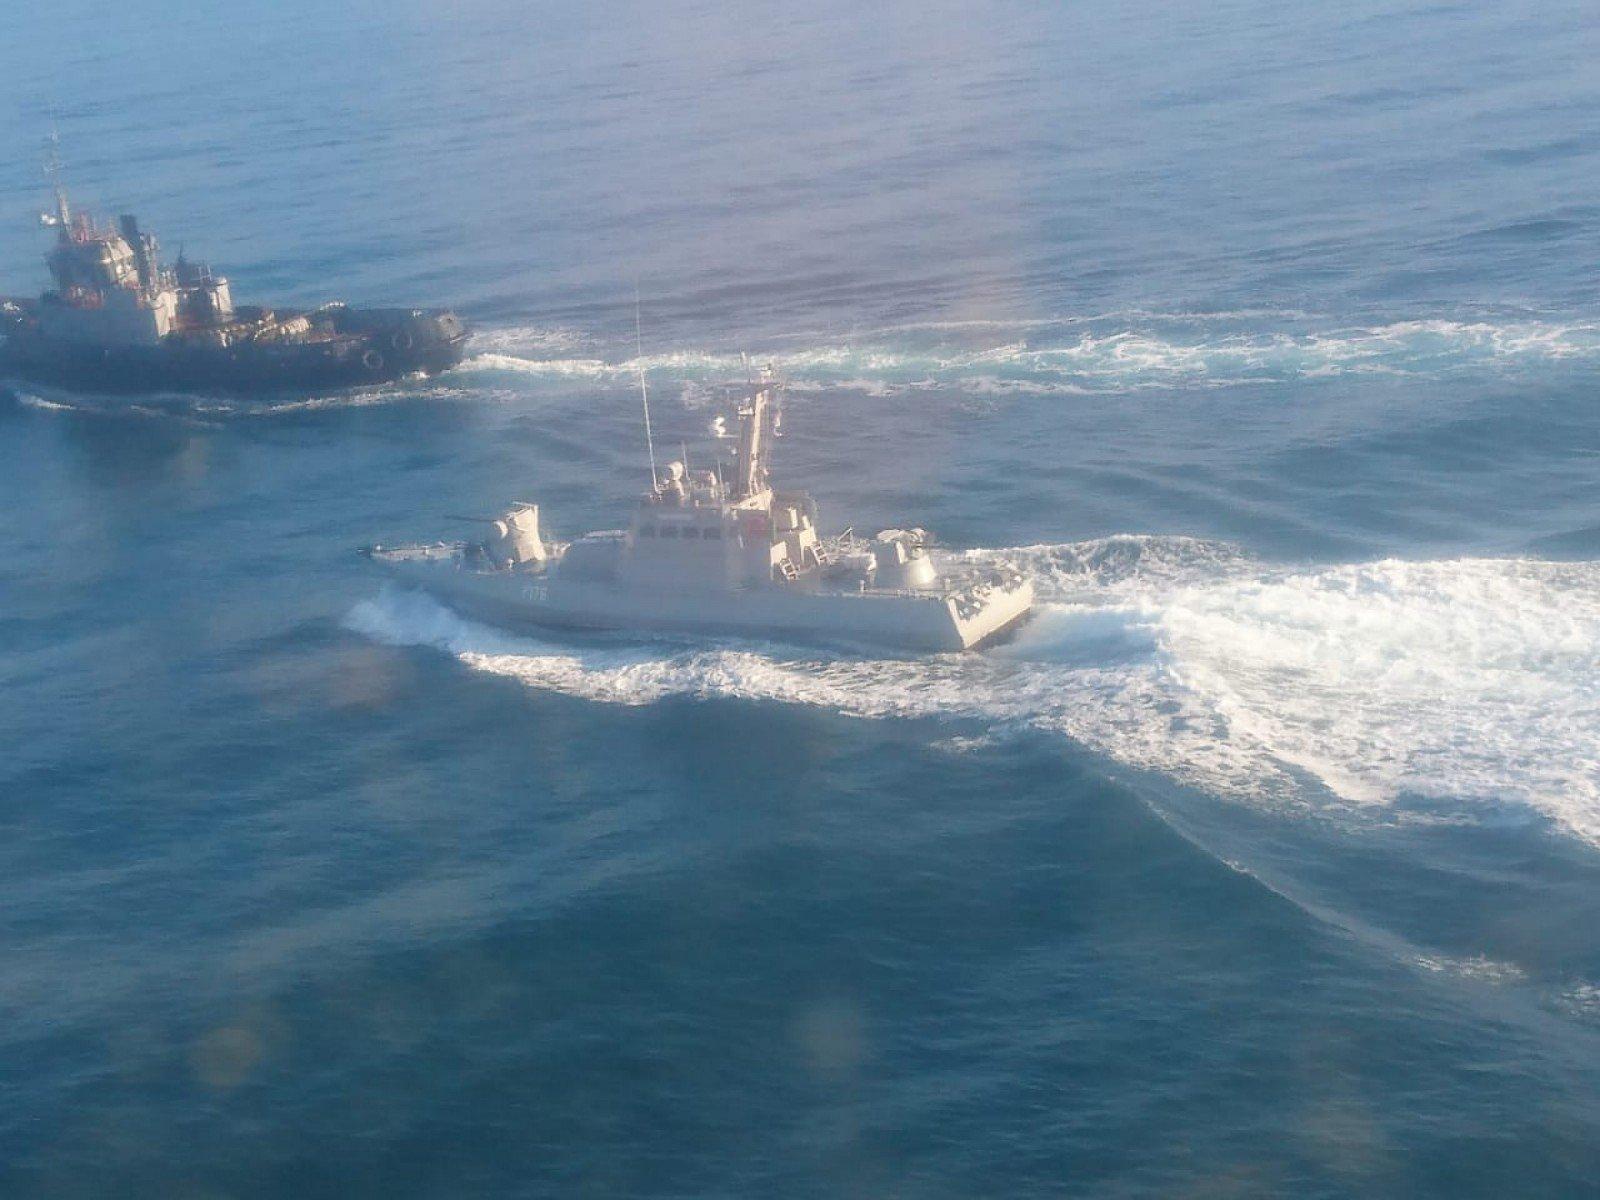 В ФСБ исключили украинские корабли из числа вещественных доказательств - СМИ